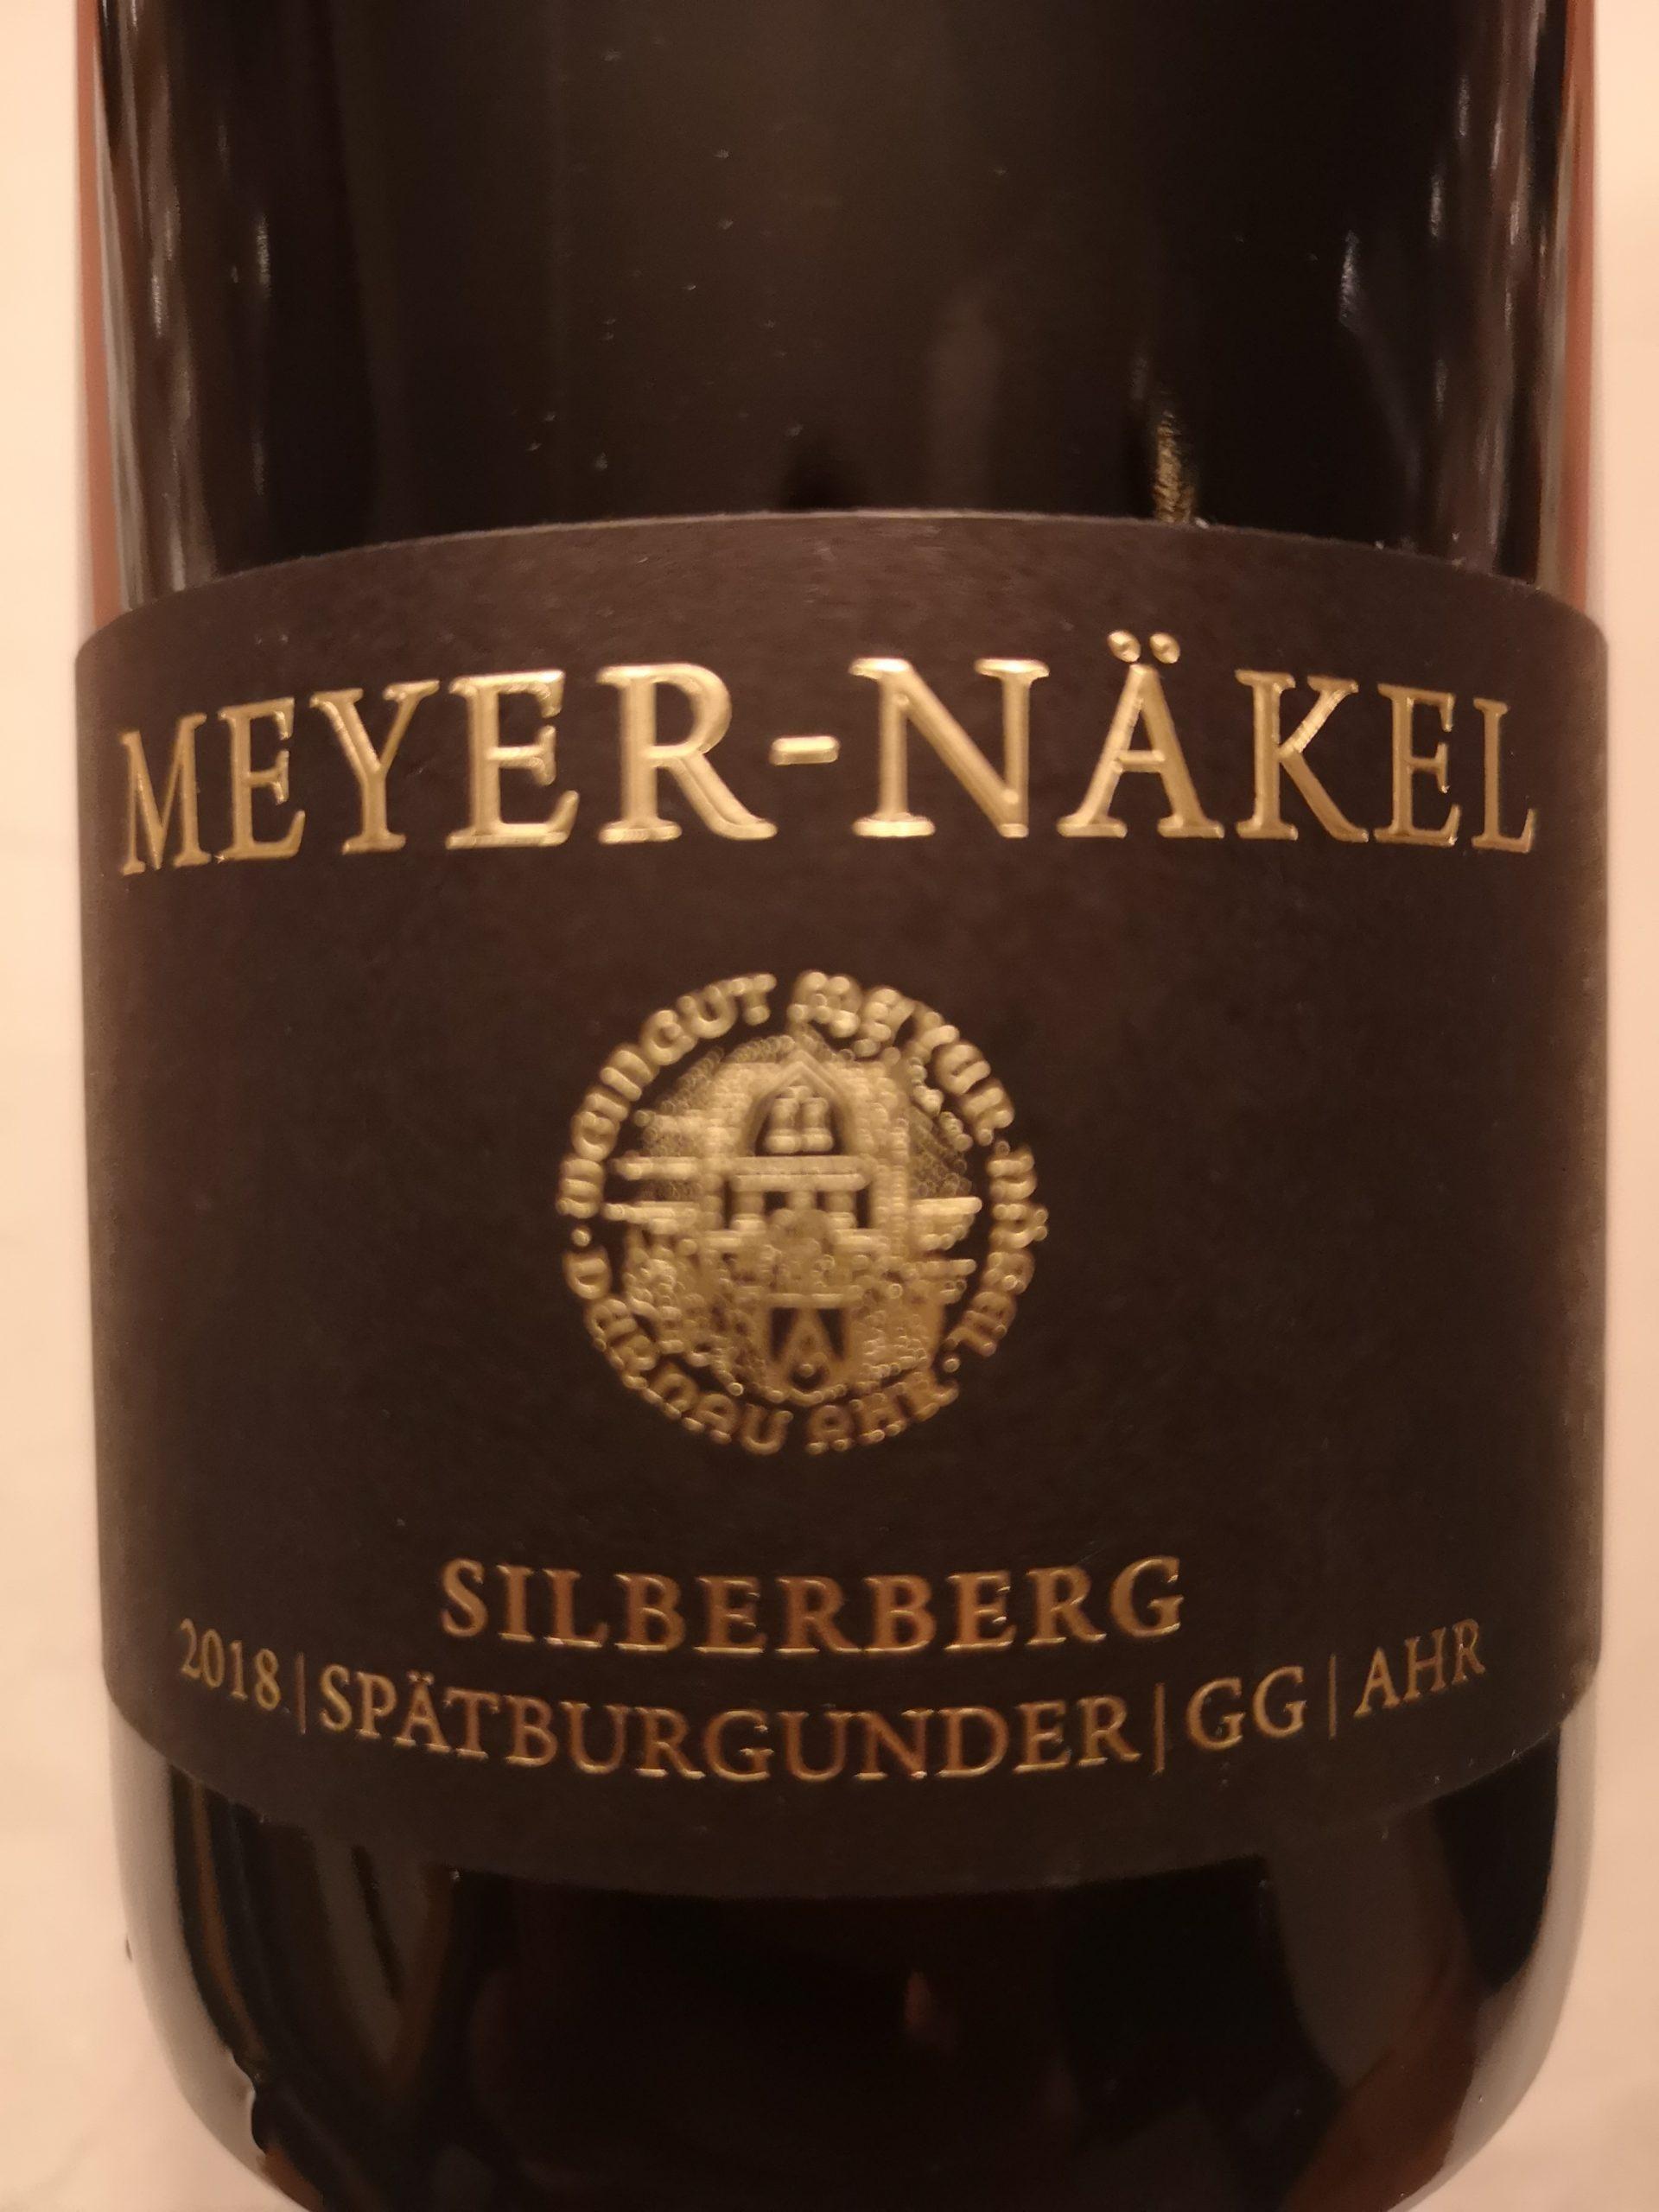 2018 Spätburgunder Silberberg GG | Meyer-Näkel